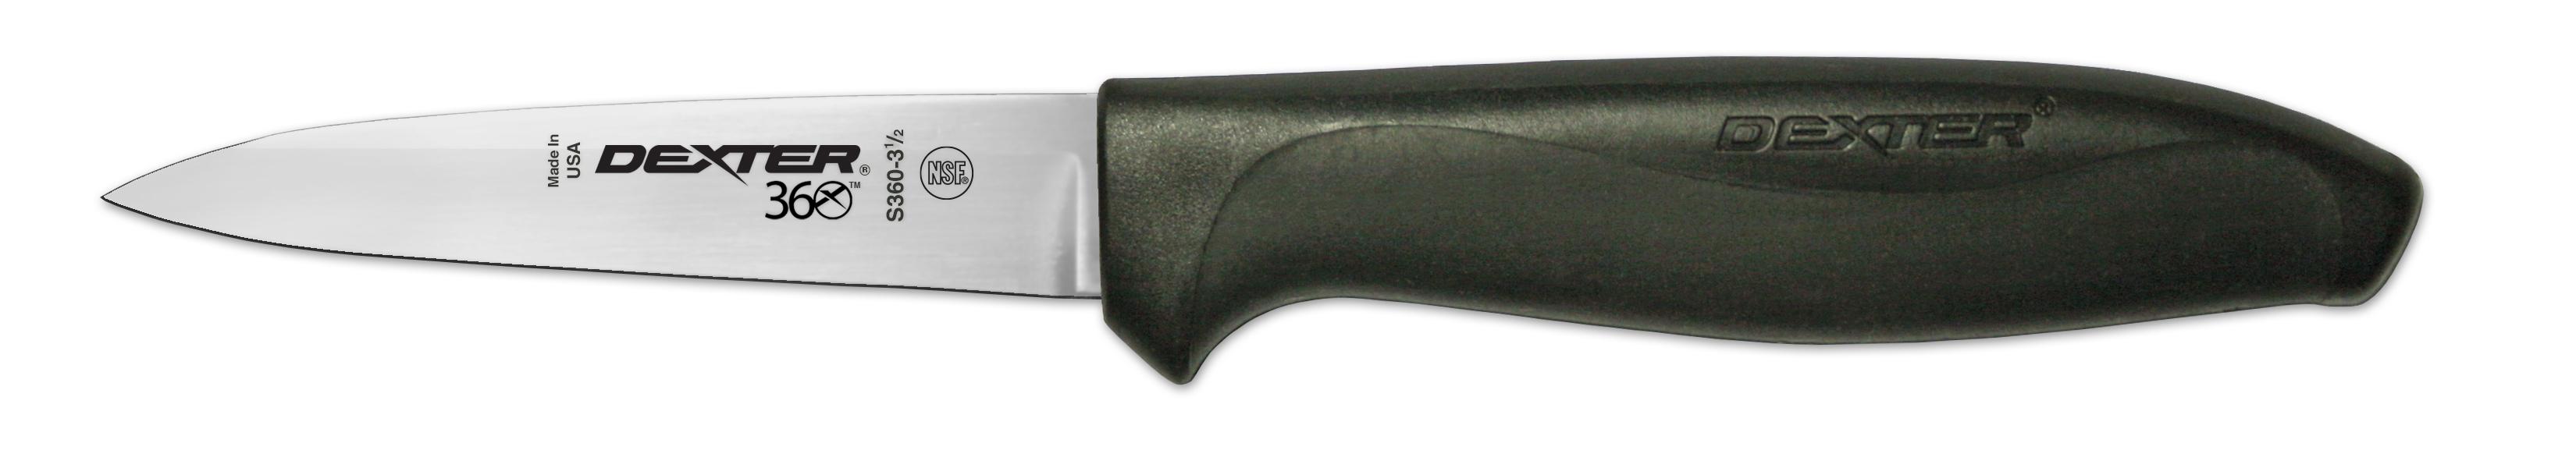 Dexter Russell 36000 paring knife